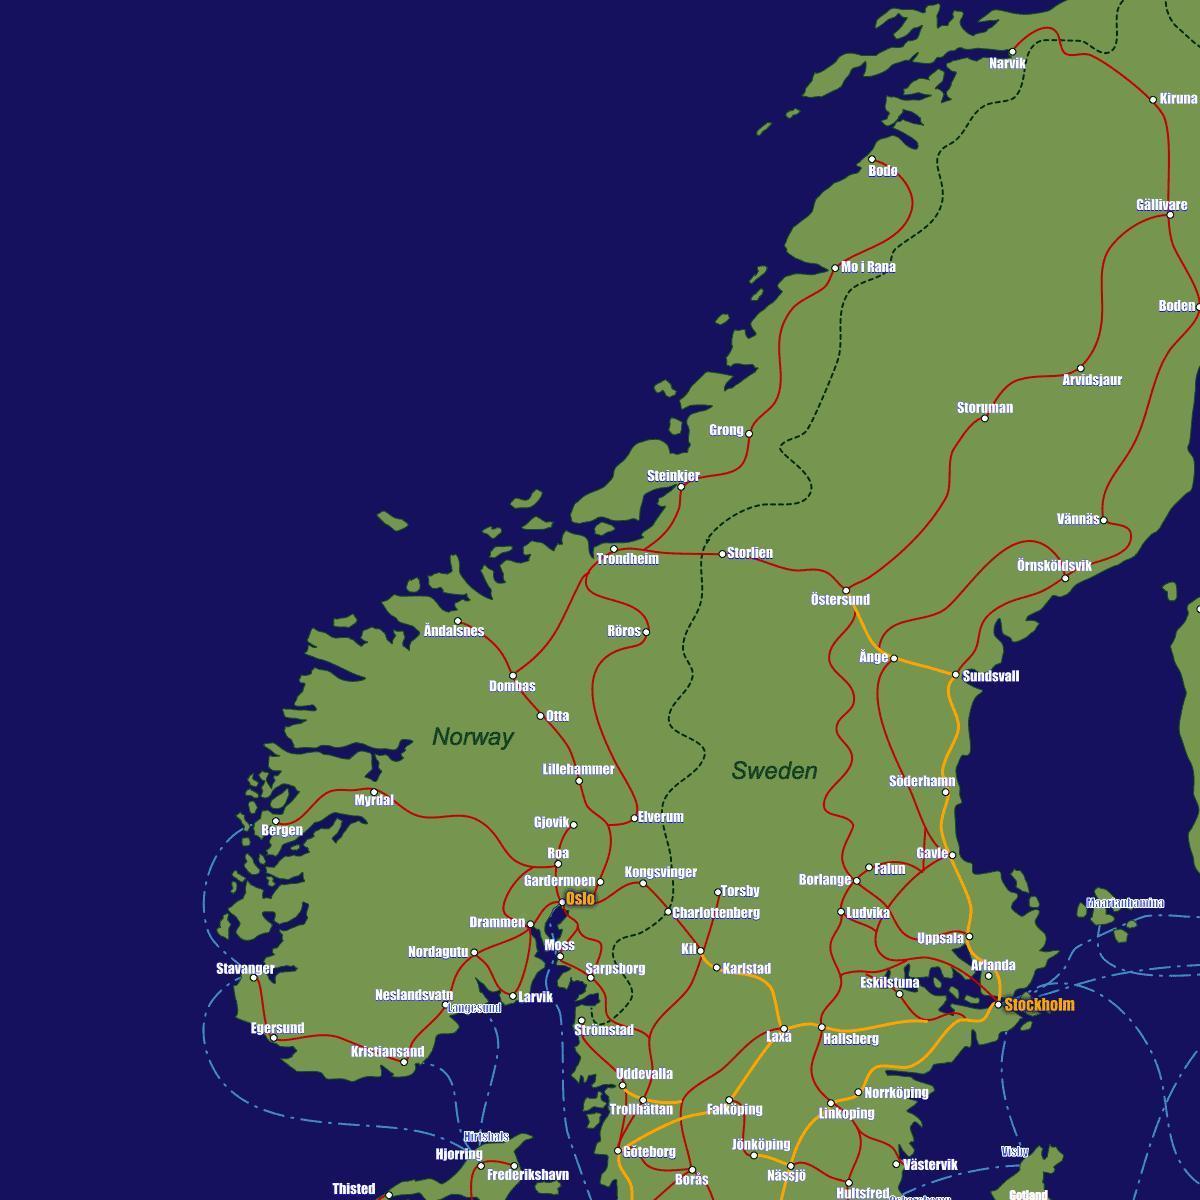 Kart Over Norge Tog Ruter Kart Over Norge Tog Ruter Northern